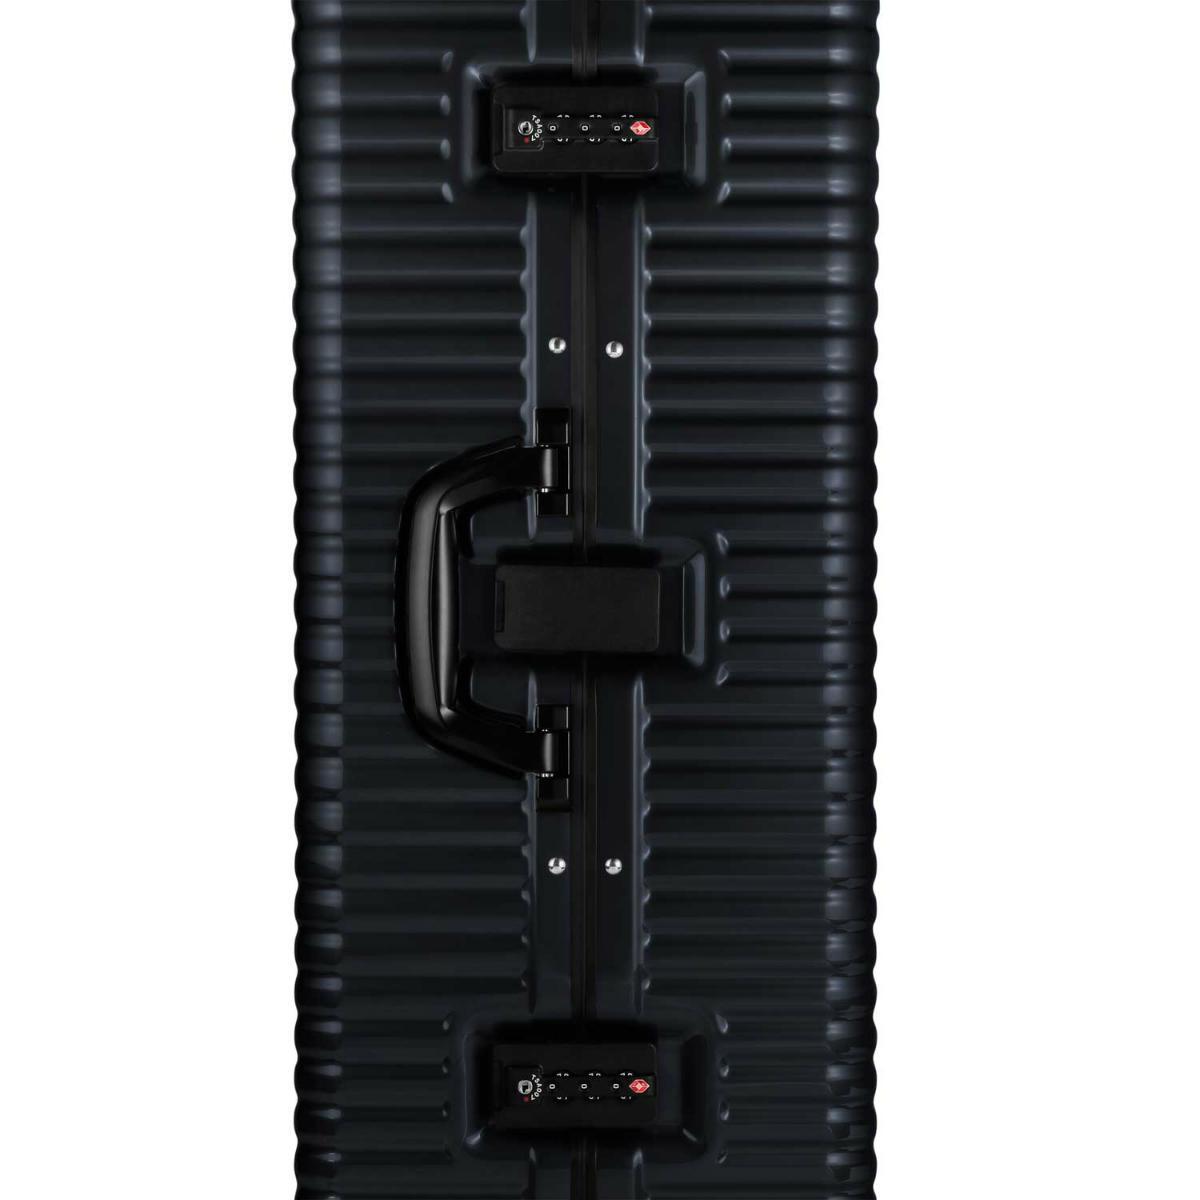 【クリアランスセール・GoTo トラベル】ランツォ LANZZO Norman Light ノーマン ライト 4輪 87L 約5.8kg ダイアルロック式 ポリカーボネート スーツケース PC29 42904 BLK(ブラック)【返品交換不可】special priceAM